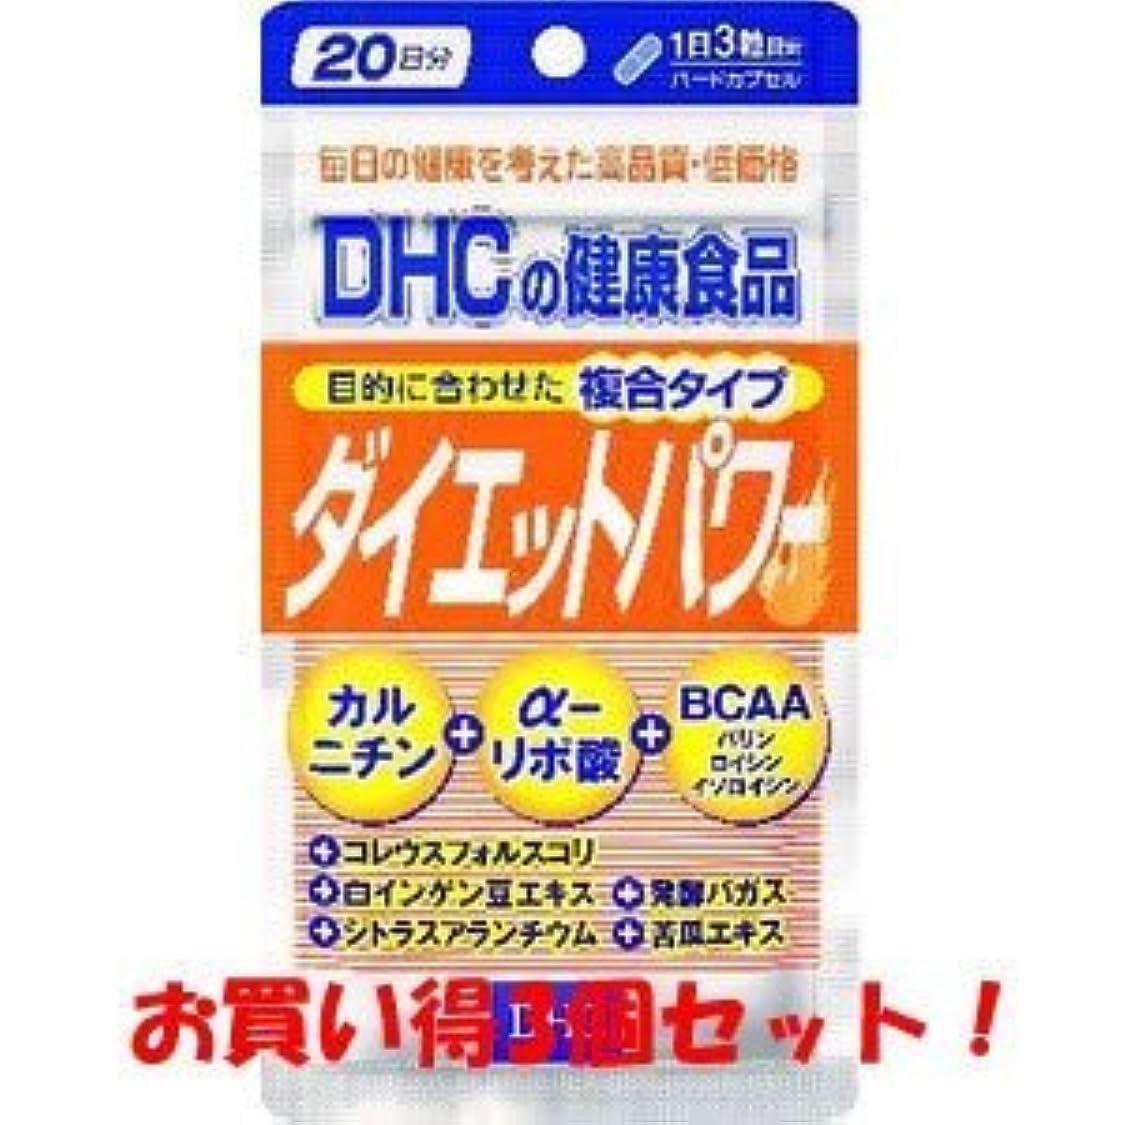 追う同様に到着DHC ダイエットパワー20日分 60粒(お買い得3個セット)